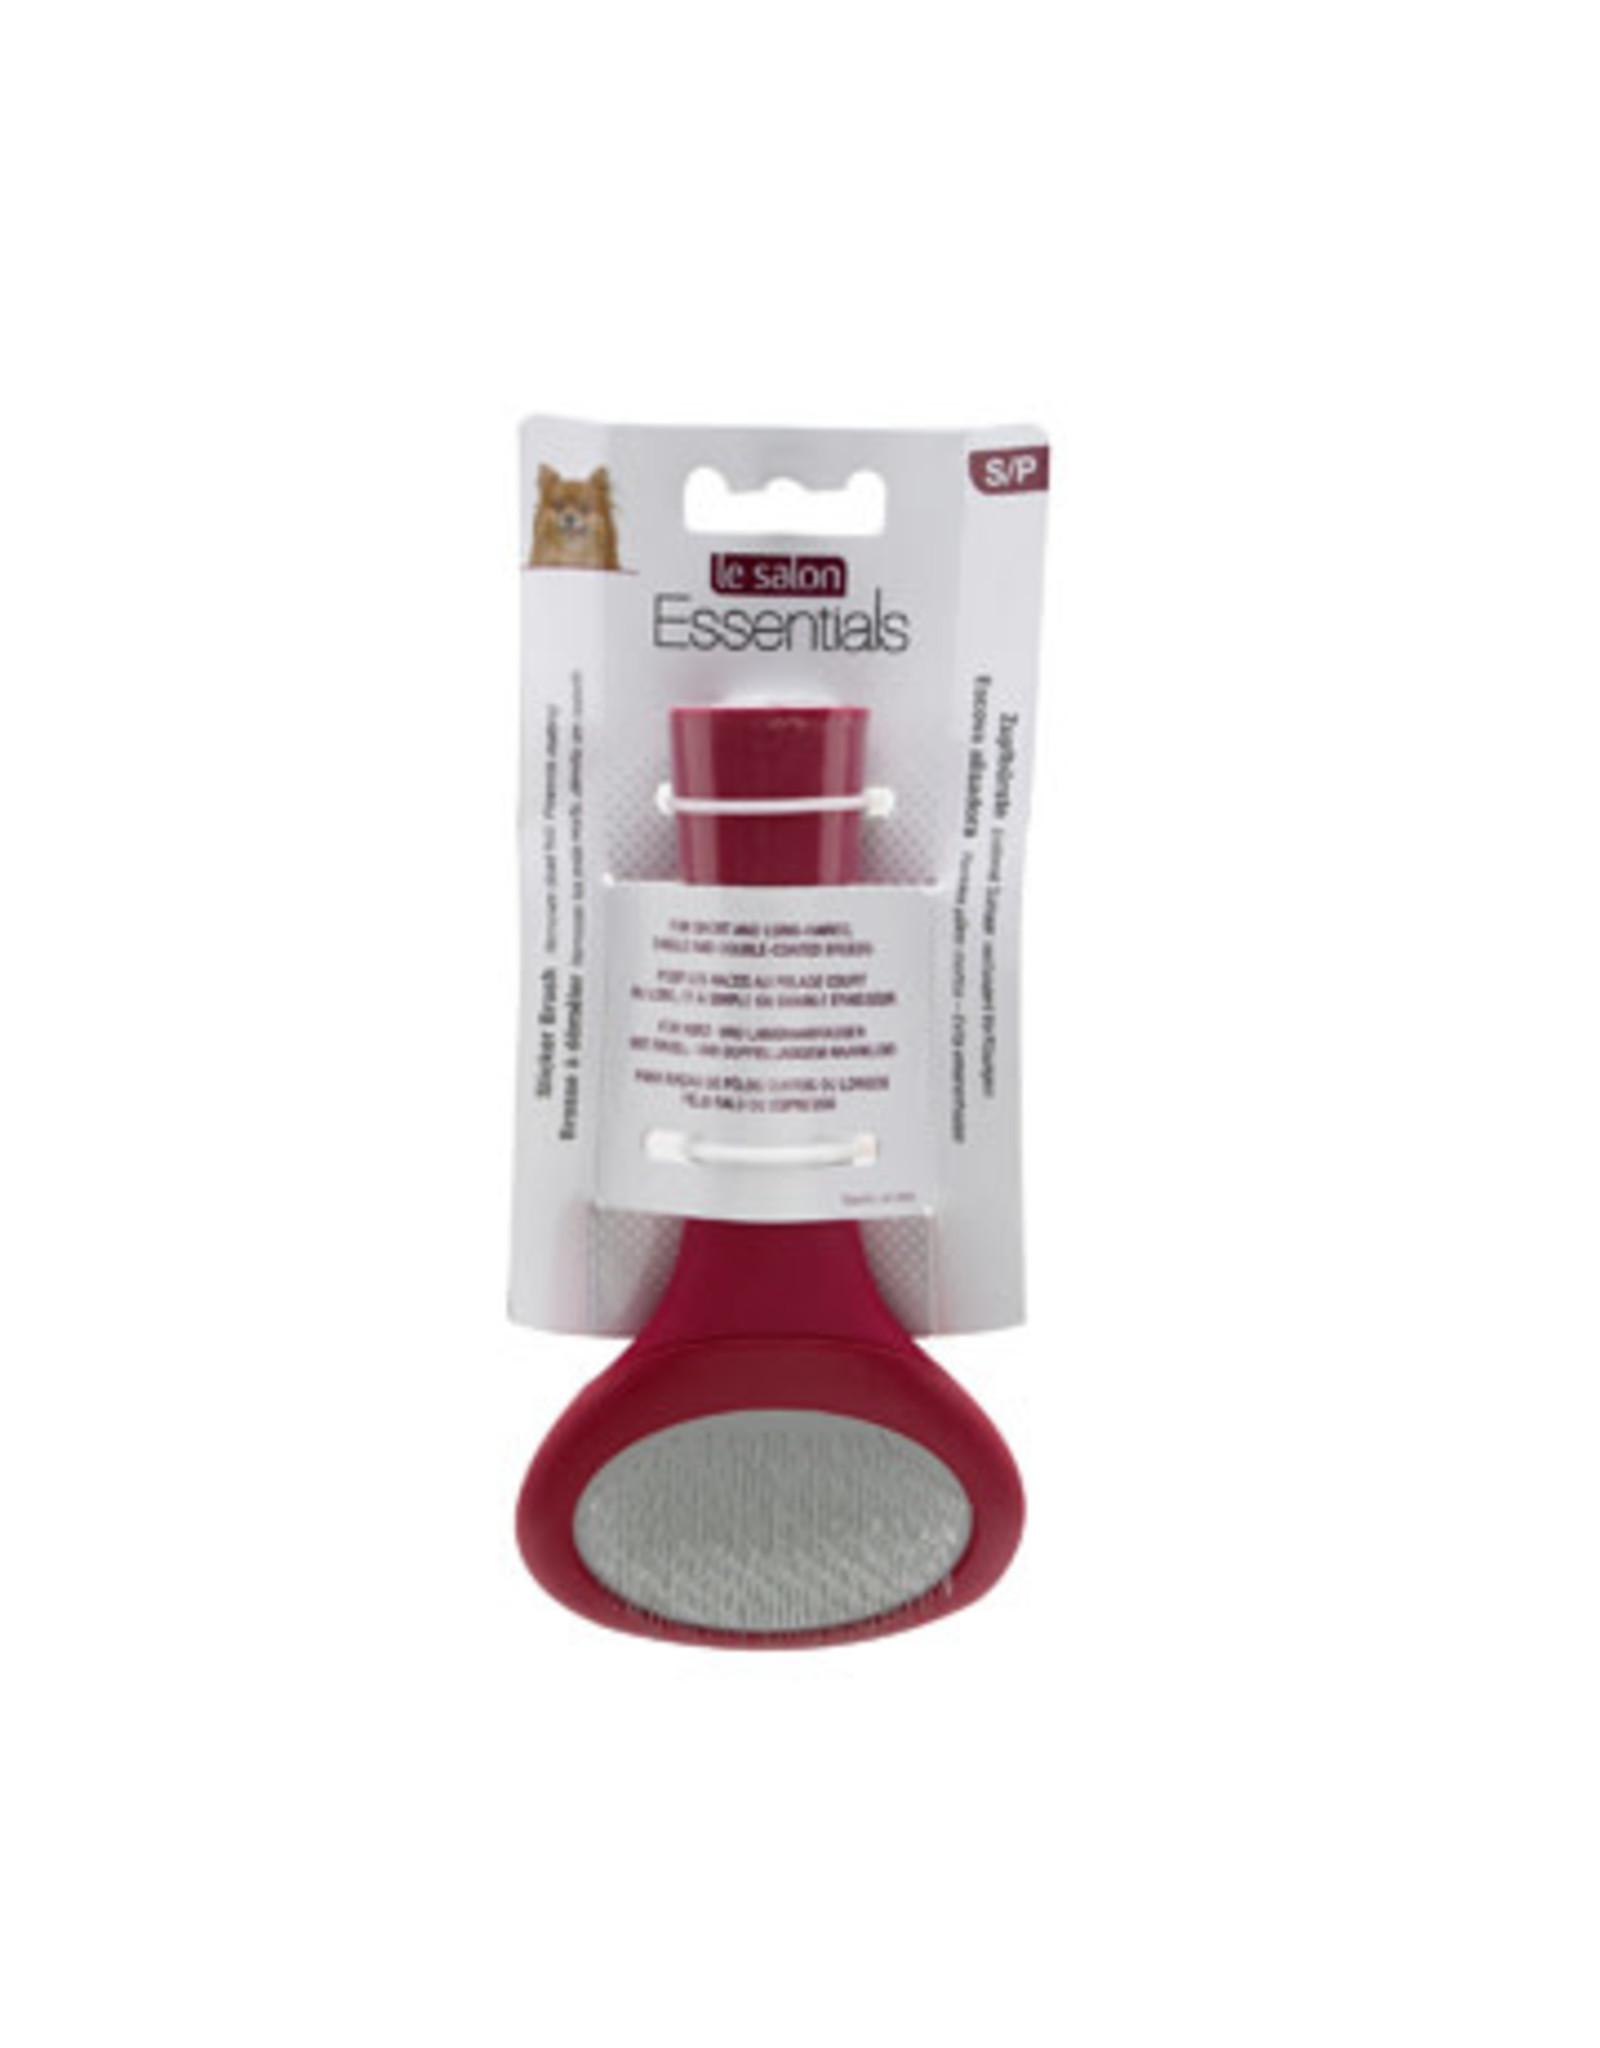 Le Salon LeSalon Essentials Dog Slicker Brush - Small